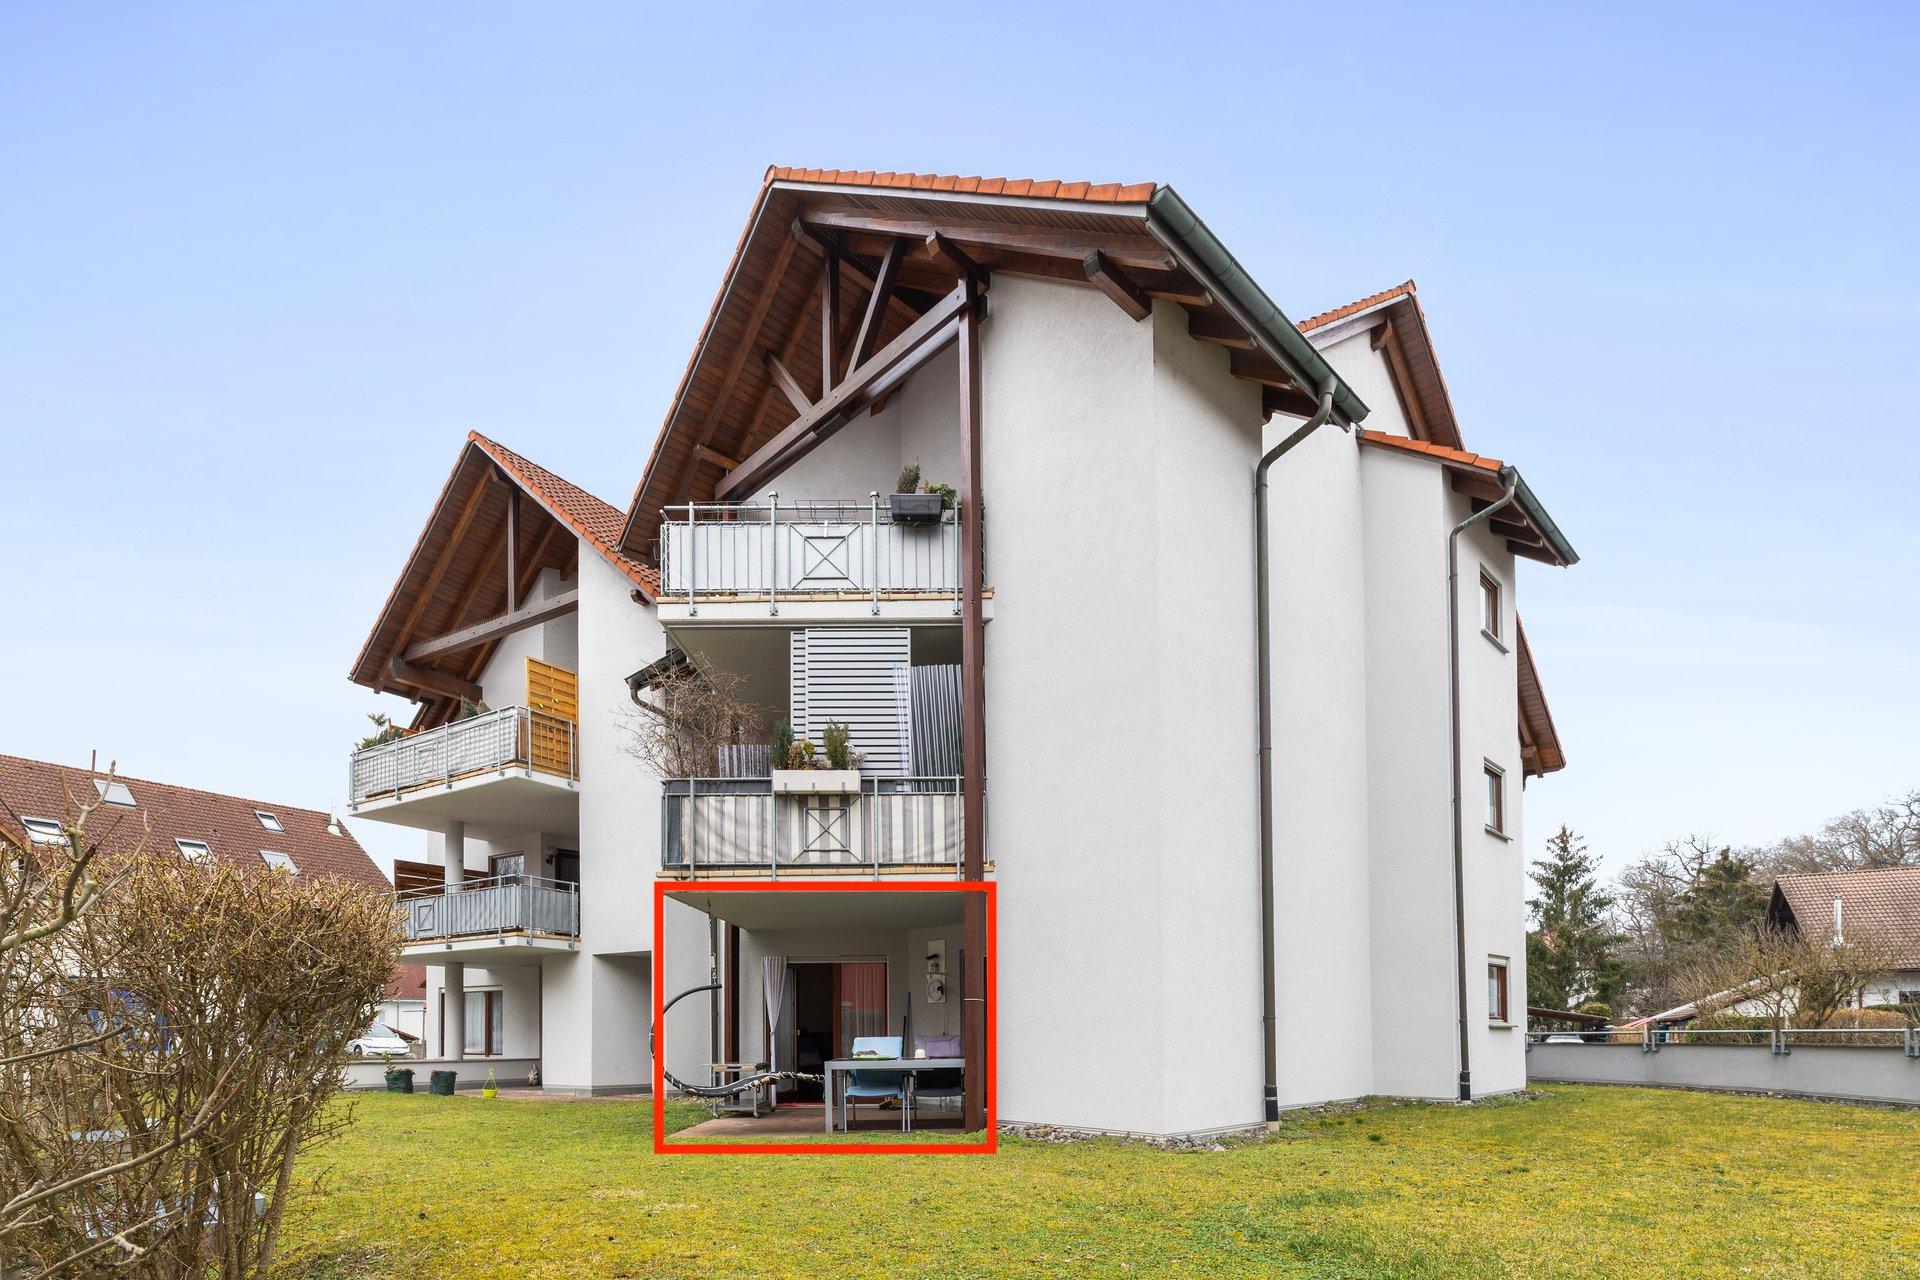 Großzügige zentral gelegene 3,5 Zi. Terrassenwohnung (EG) mit Tiefgaragenplatz in begehrter Grenz- u. Bahnhofsnähe in Lauchringen